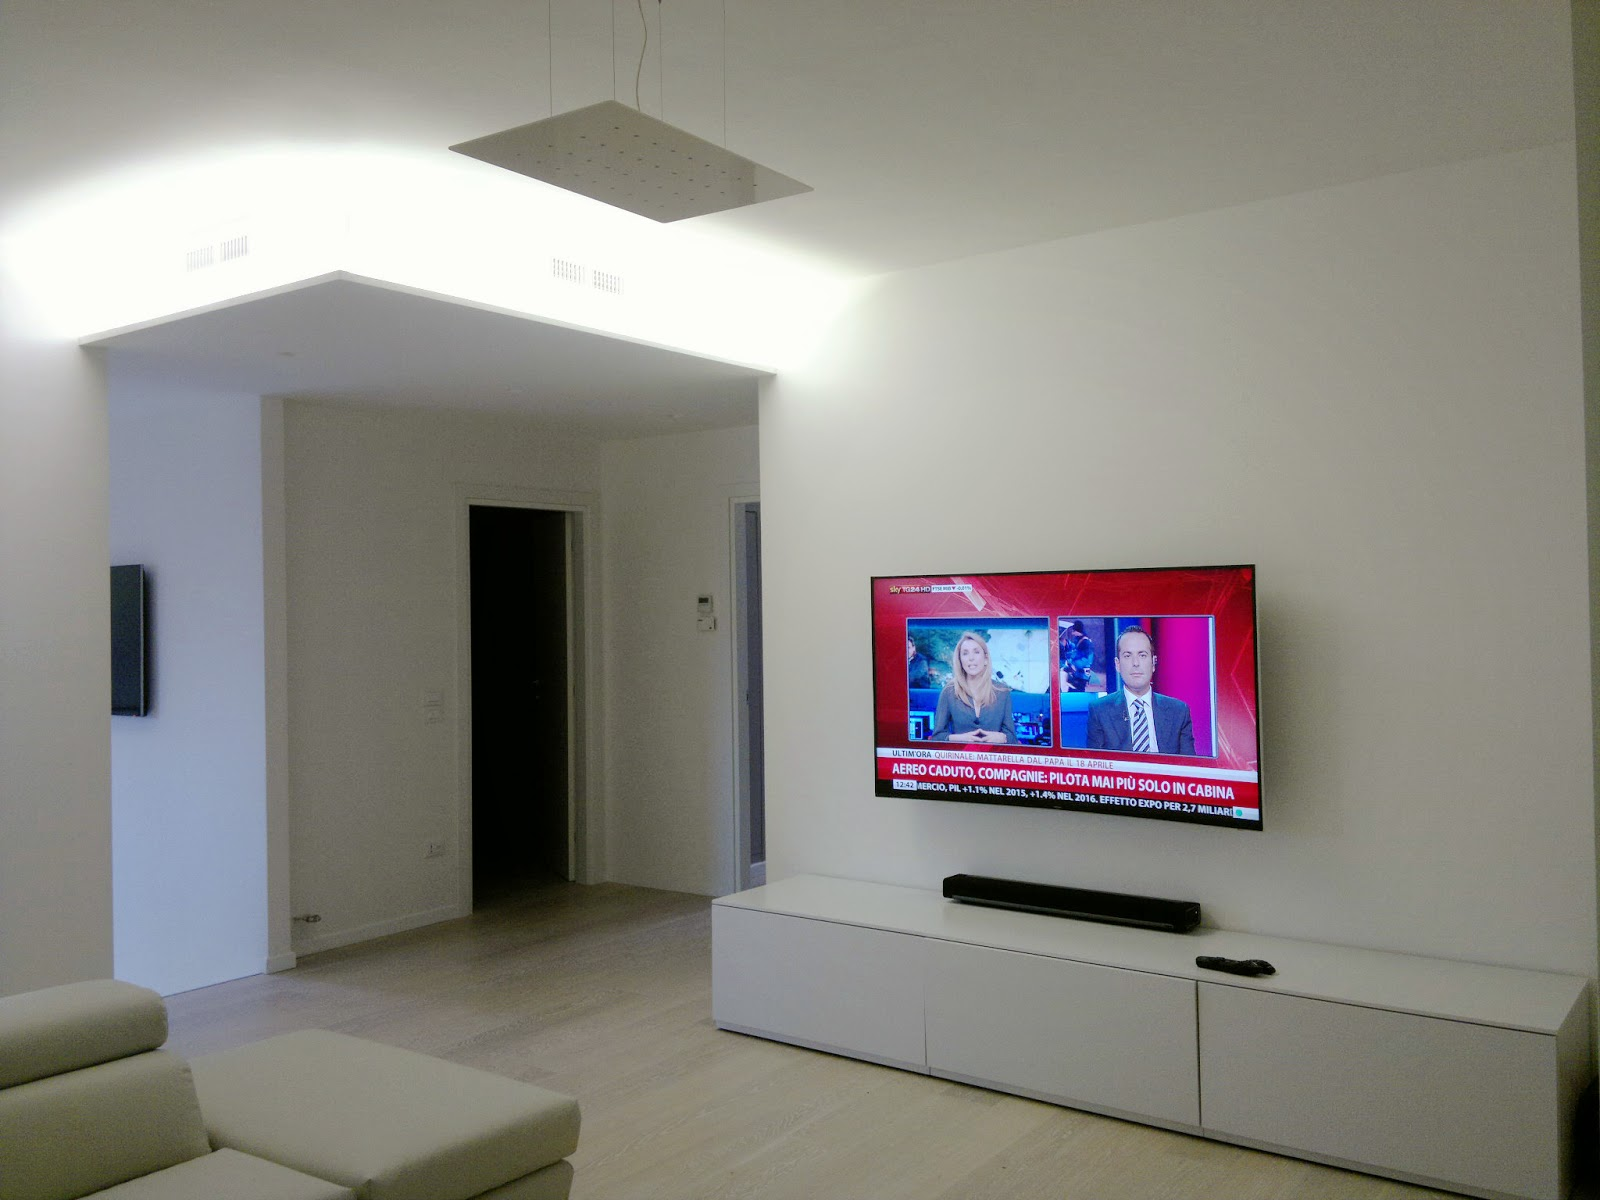 Illuminazione Soggiorno Led: Consigli + 1 per l'illuminazione ...